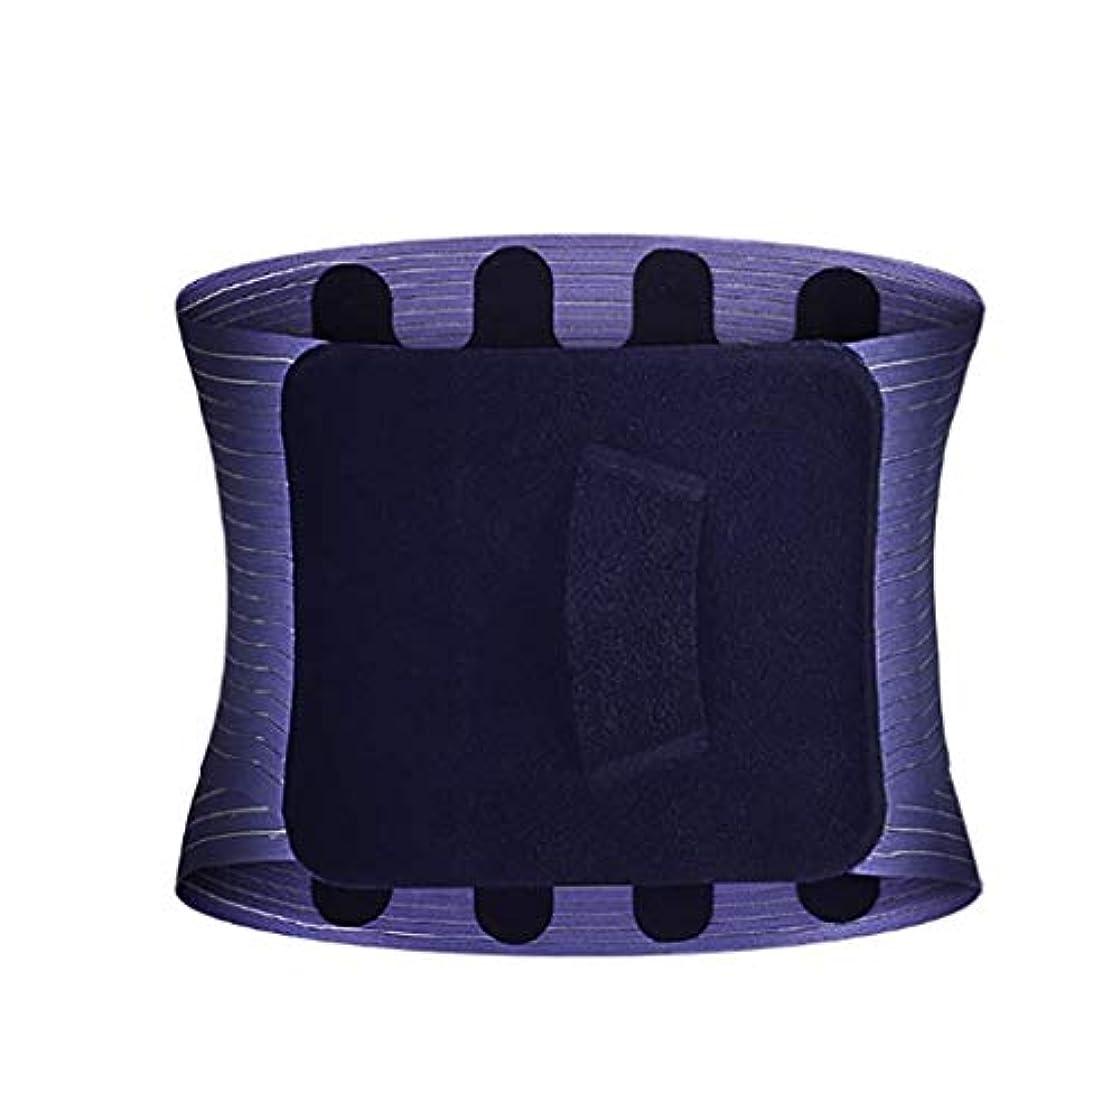 フレット水銀の韻ウエスト補正ベルト、バック/ウエスト暖かさ、ウエストサポートベルト、通気性ベルト、メンズと女性のフィットネスベルト、ワーキング/スポーツ/フィットネスに適した、痛みを緩和、防止けが (Color : 黒, Size : L)